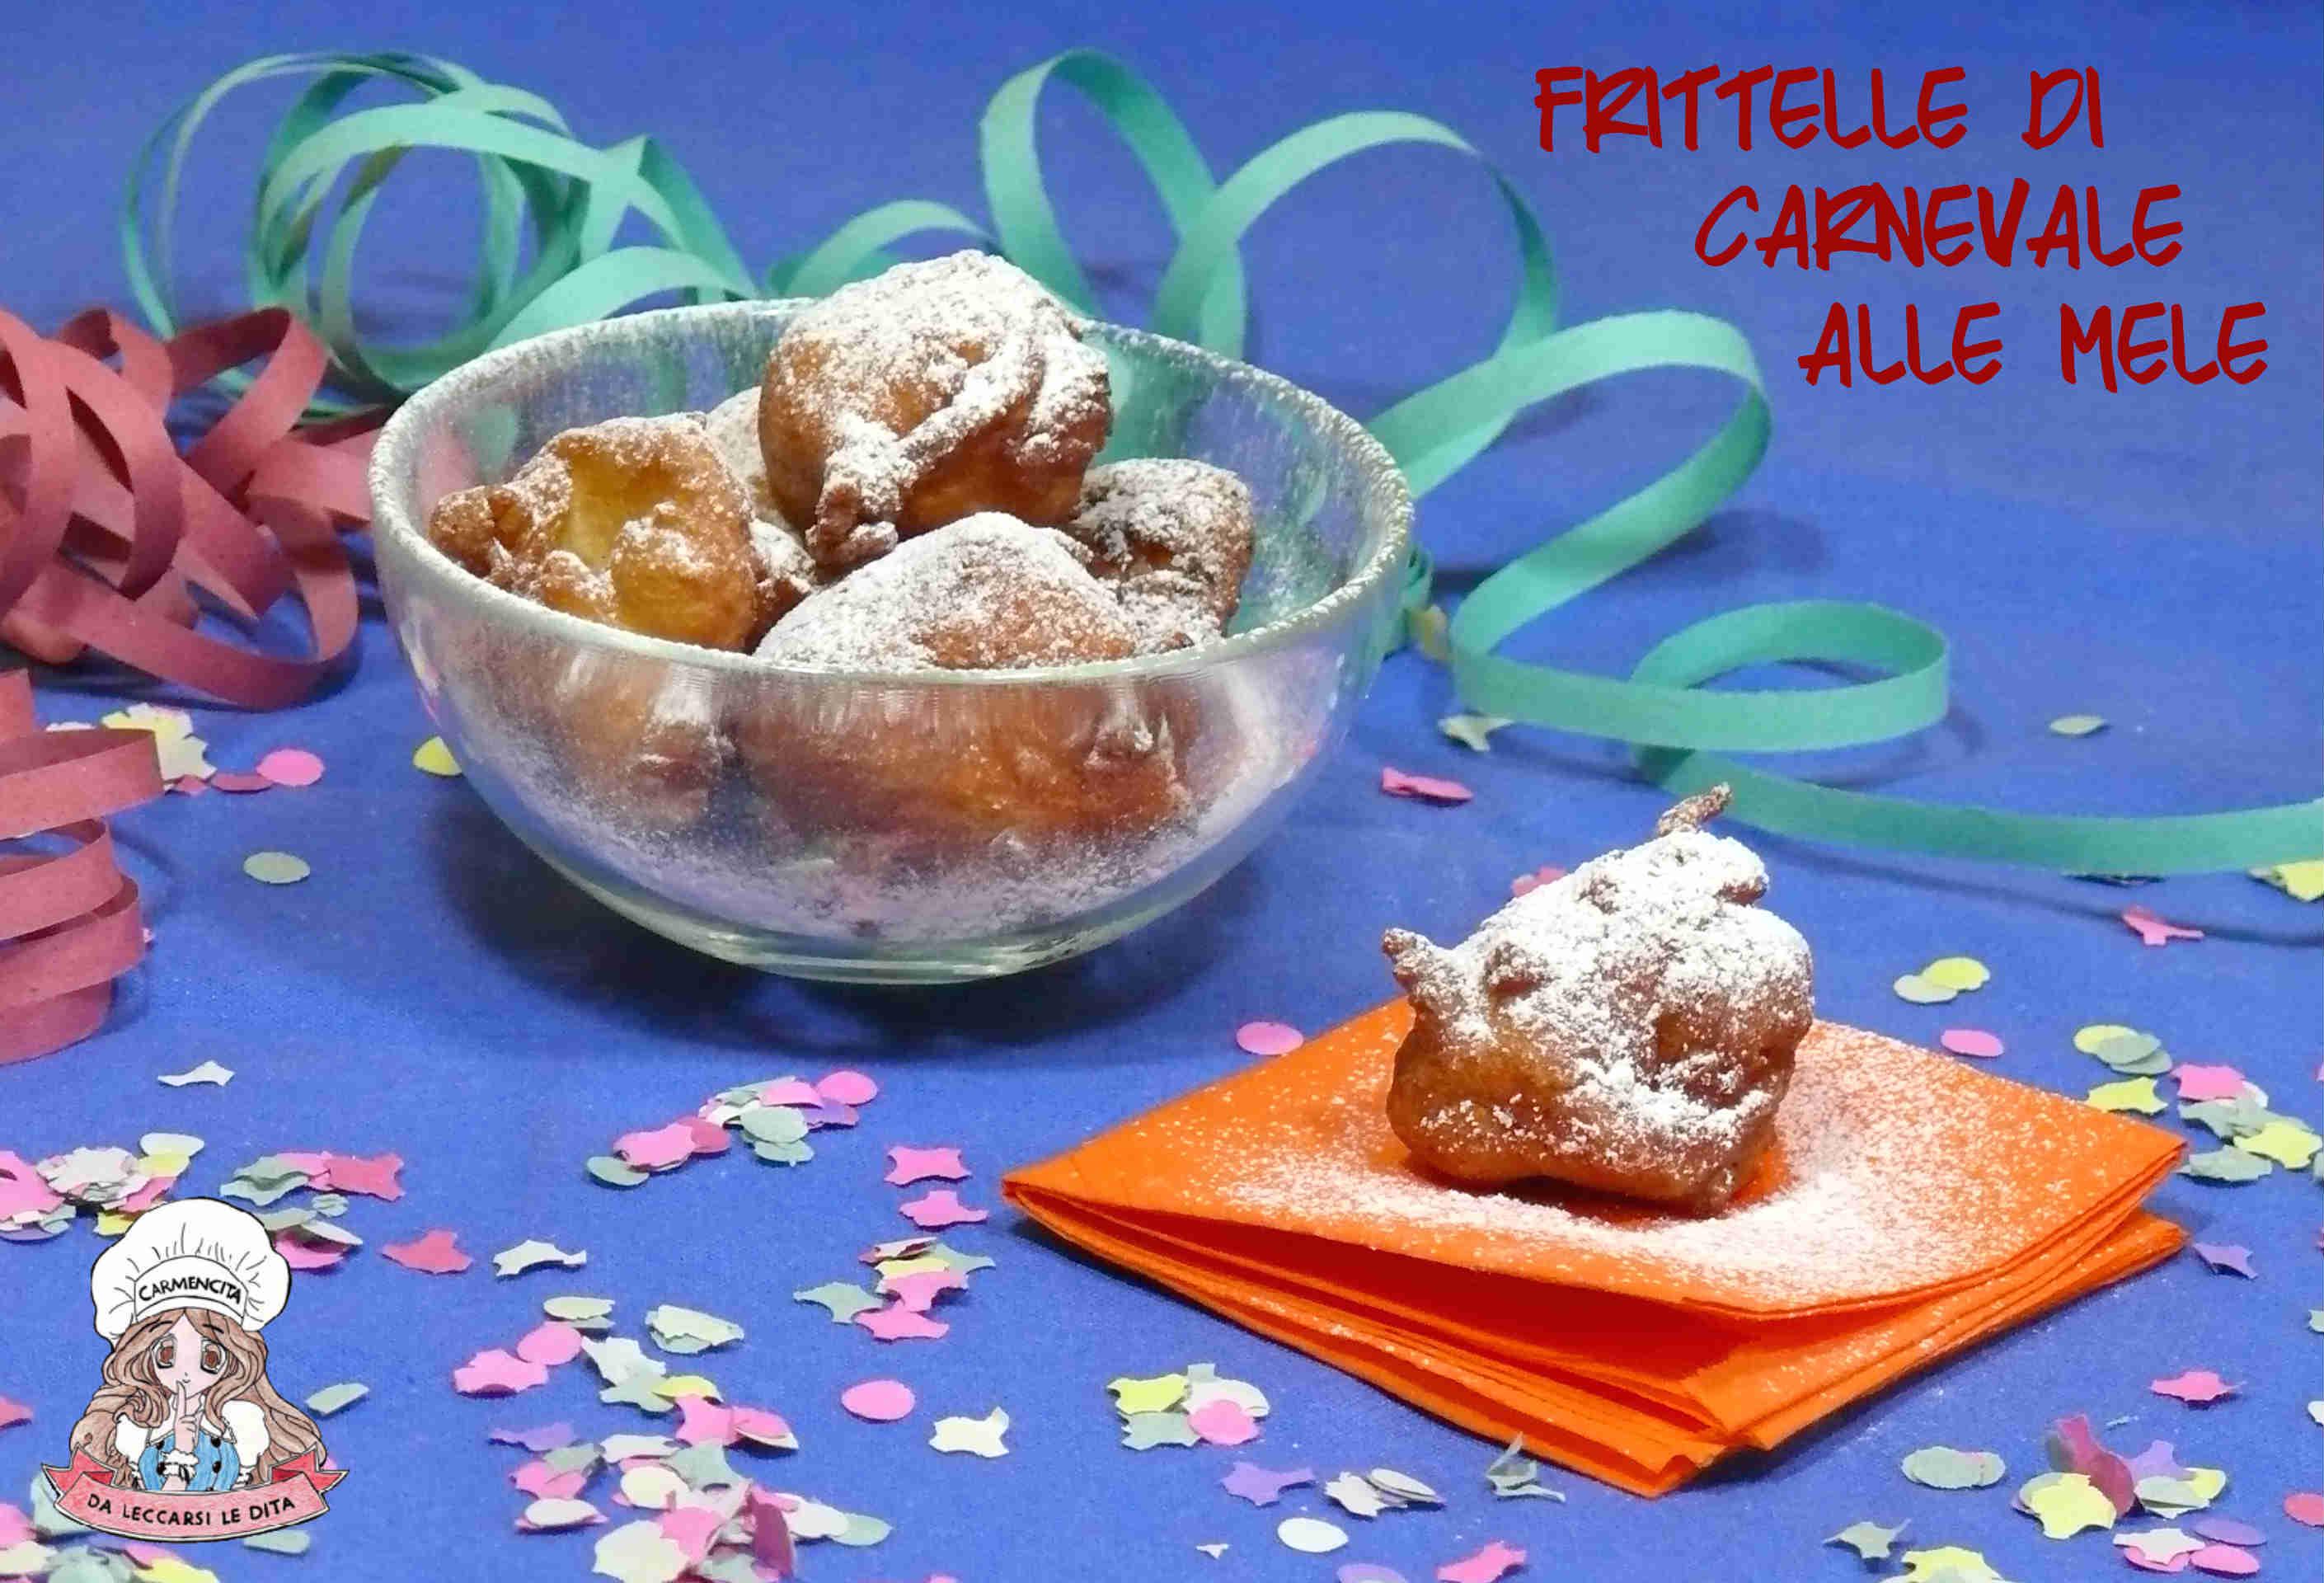 Frittelle di carnevale alle mele